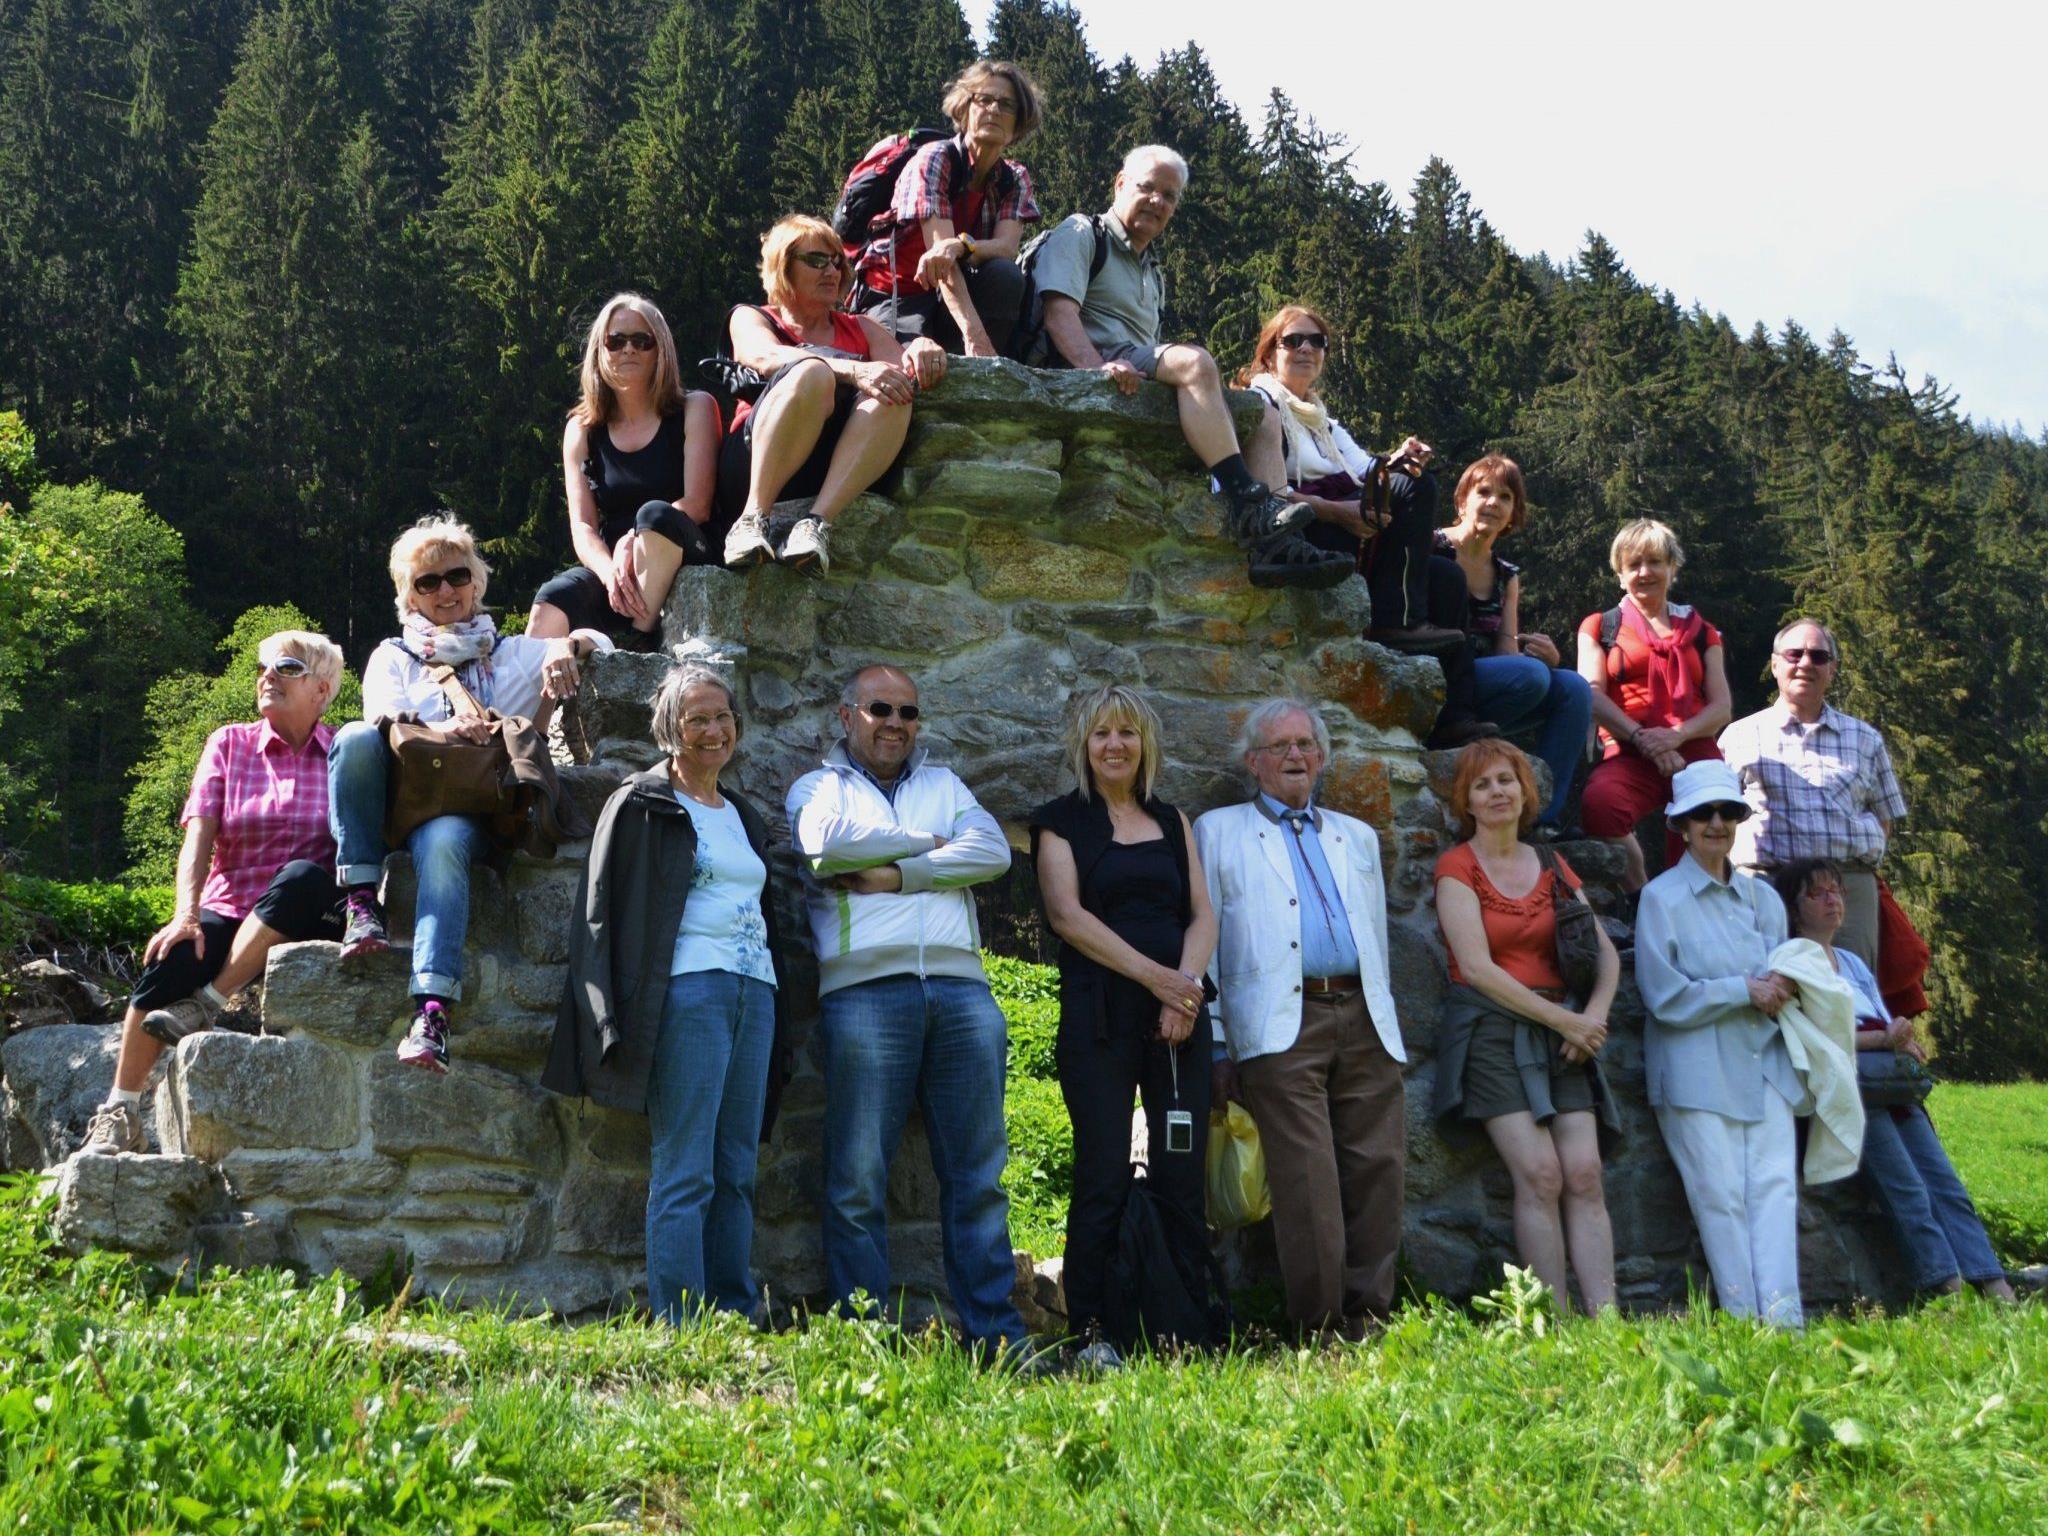 Vor den Ruinen des einst mächtigen Pferdestalles beim Zuggawaldhus